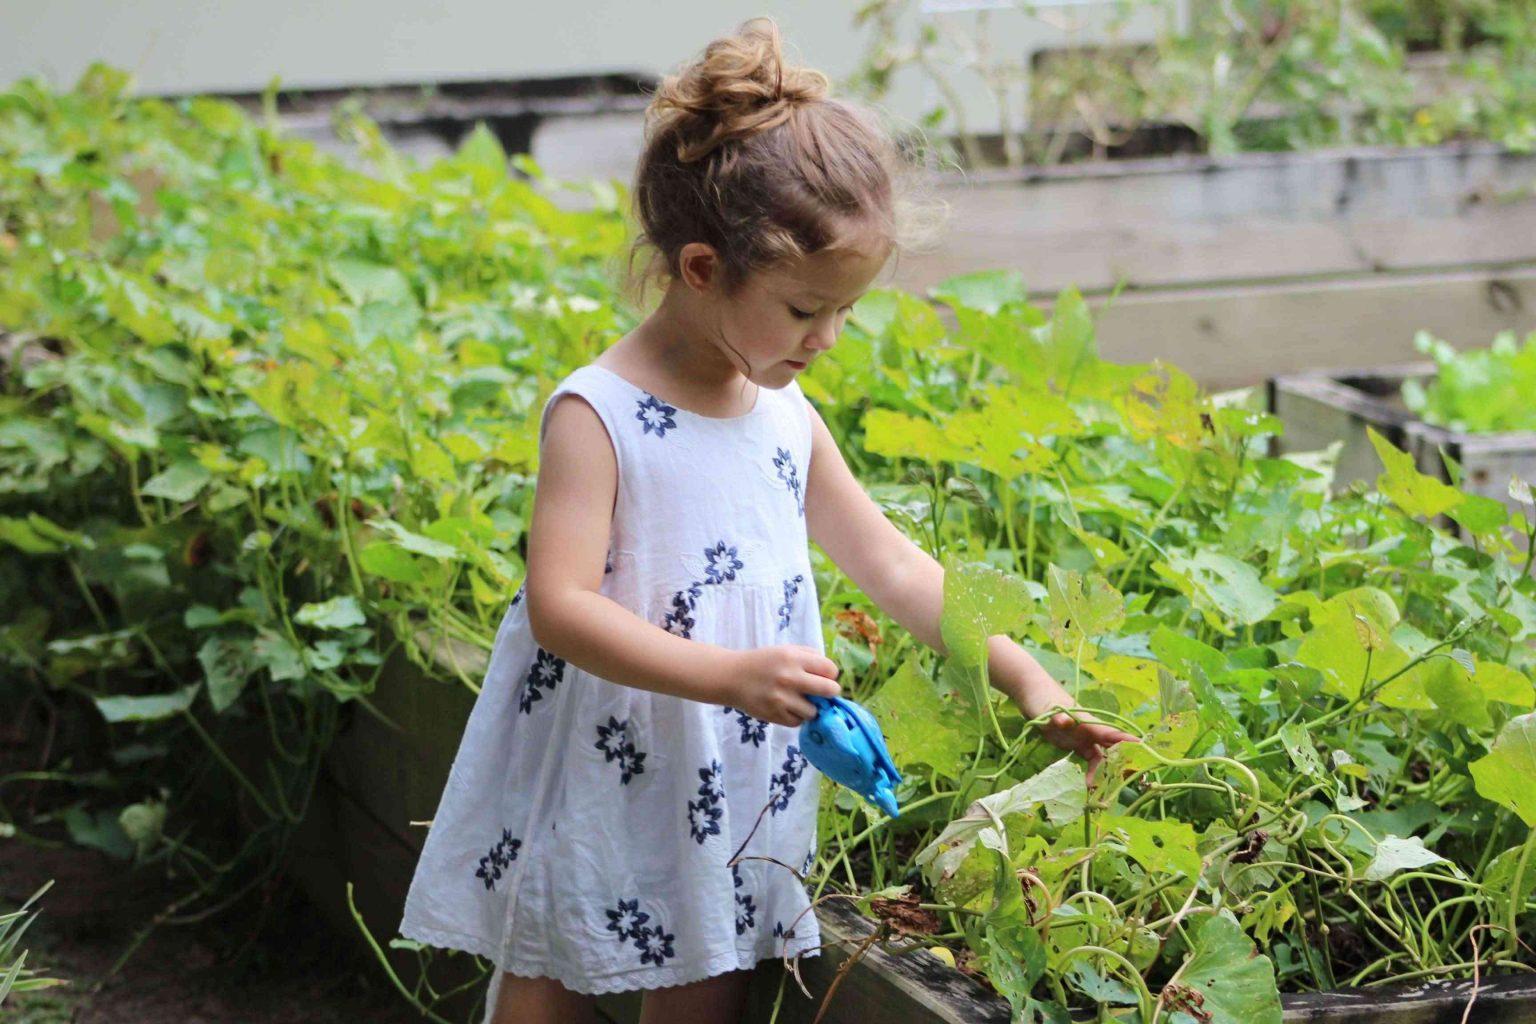 outdoor-activity-kid-gardening